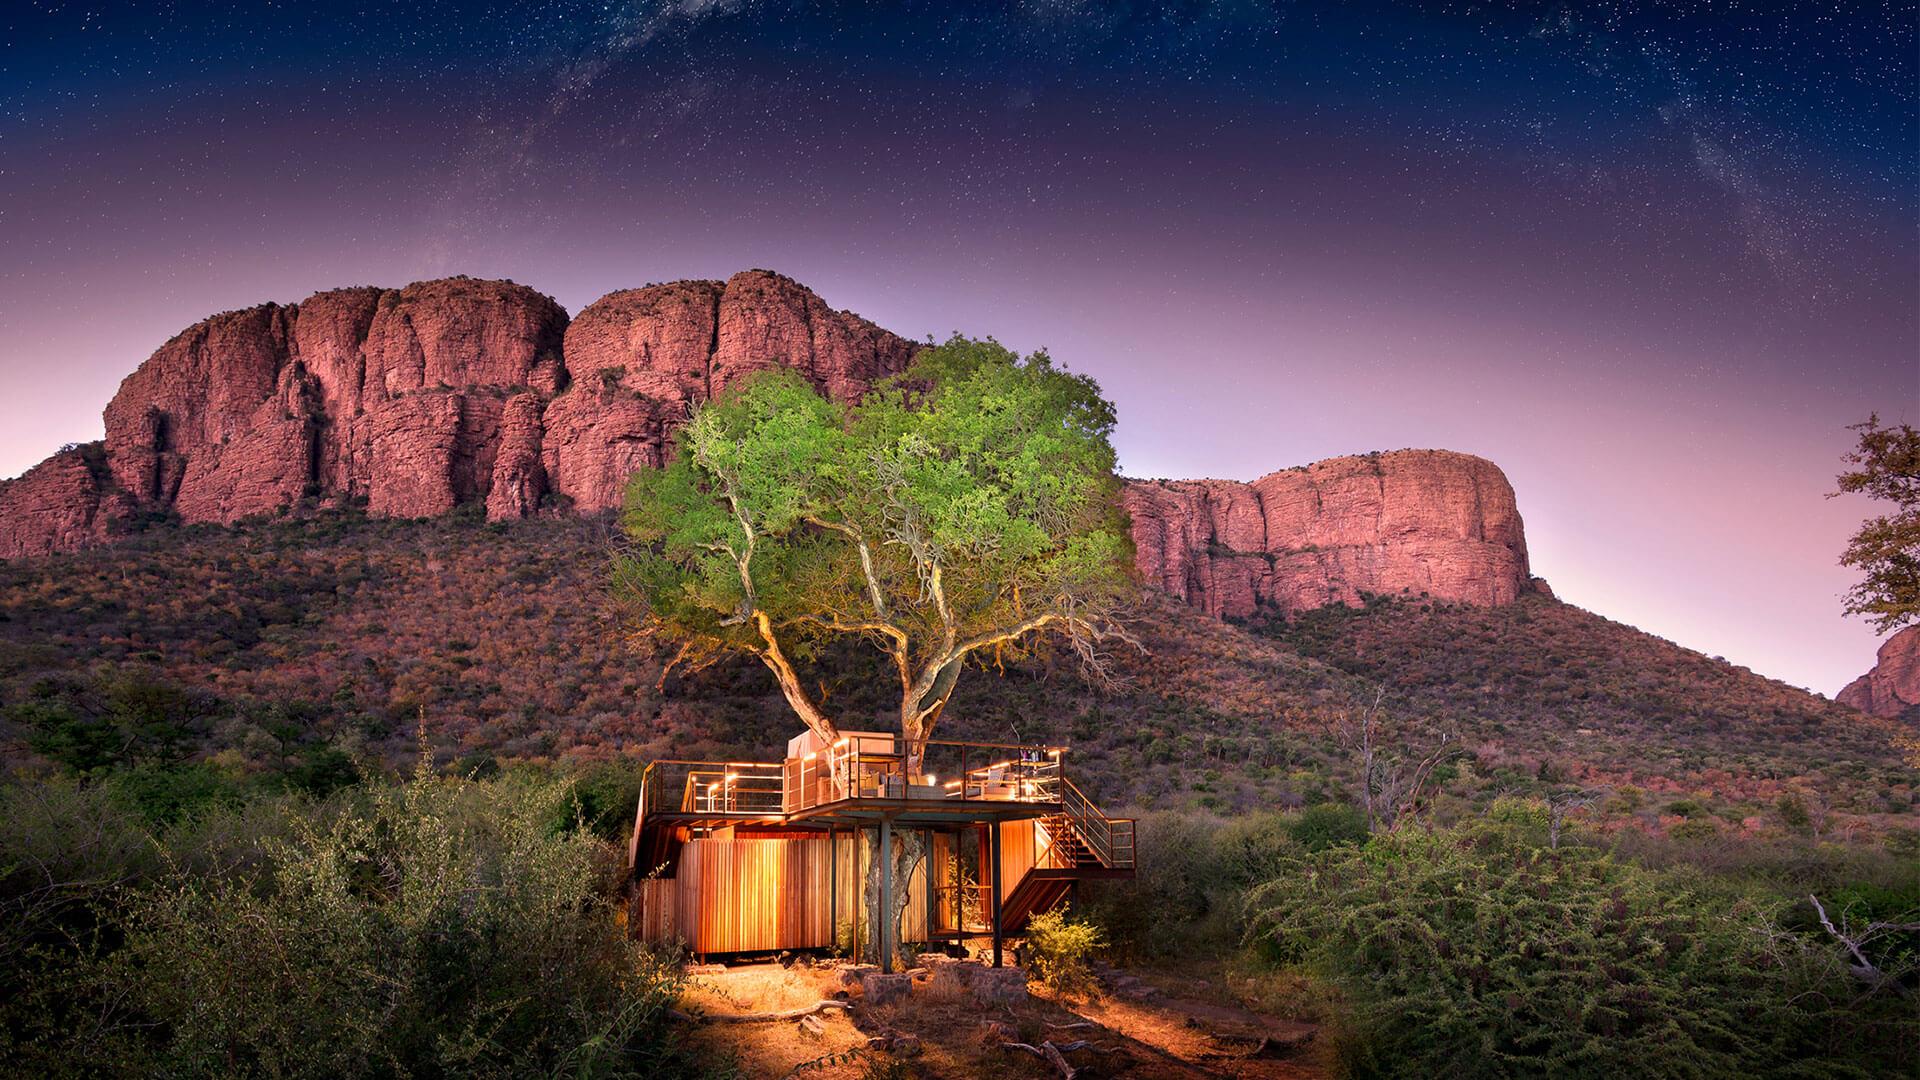 факты африка ночью фото таком случае